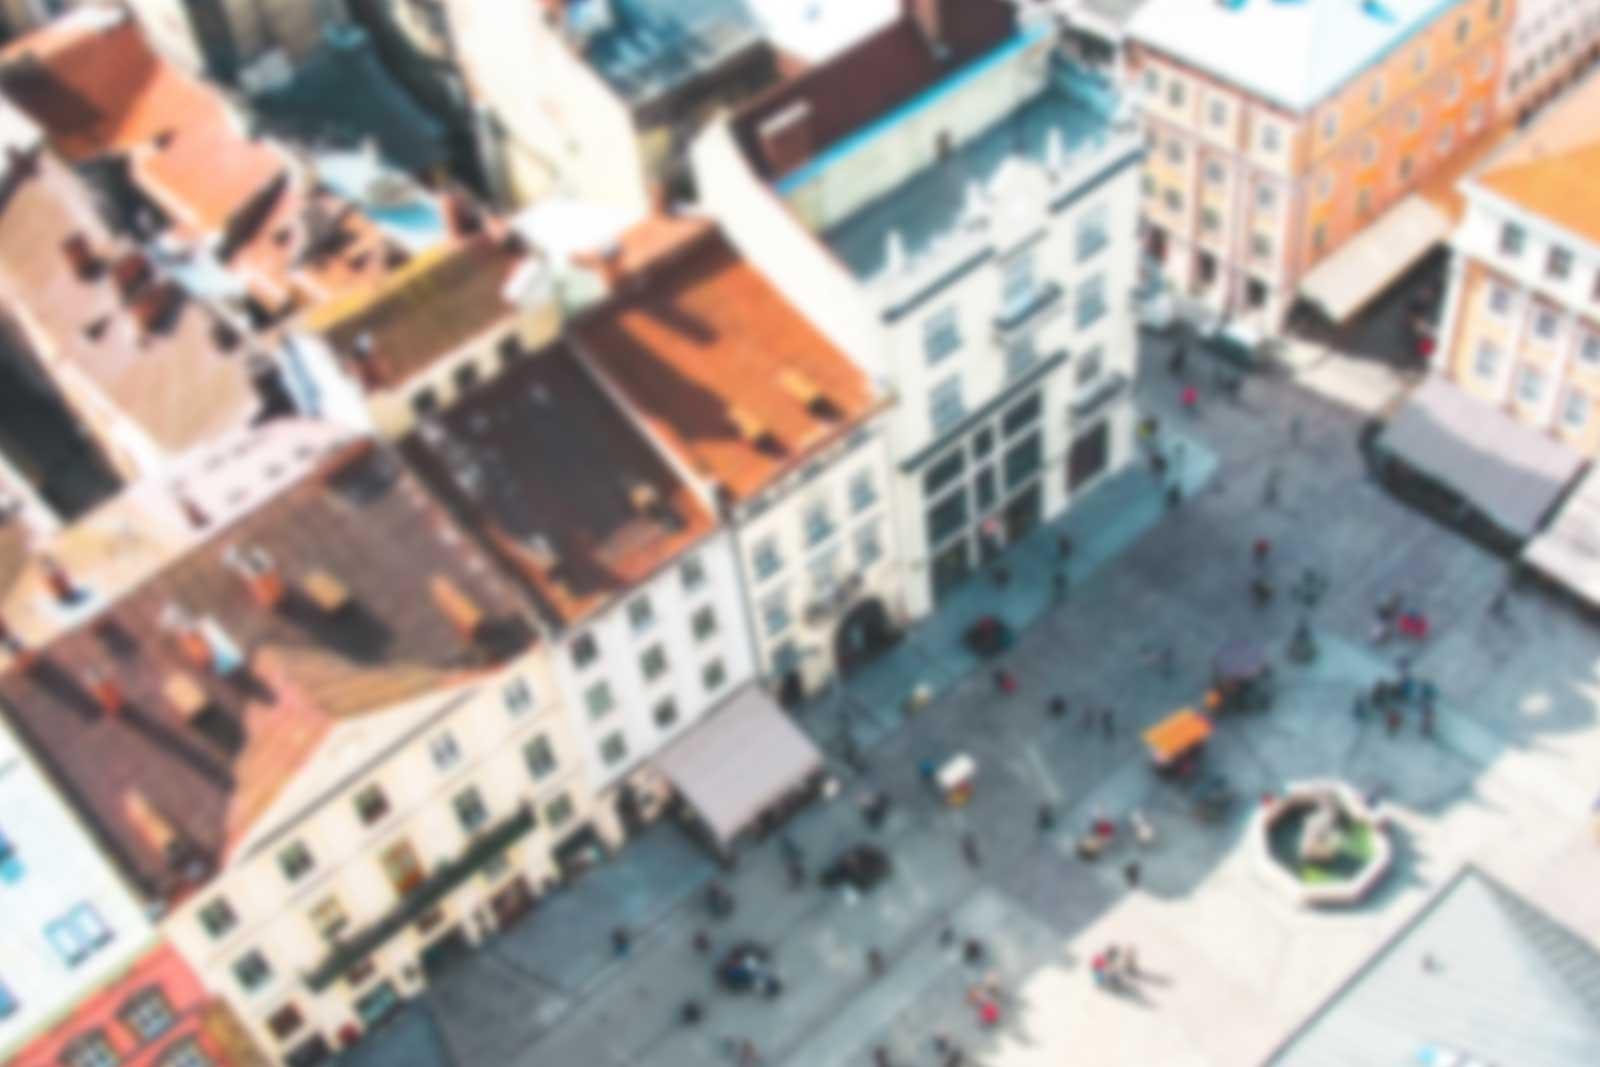 Eckhoffplatz